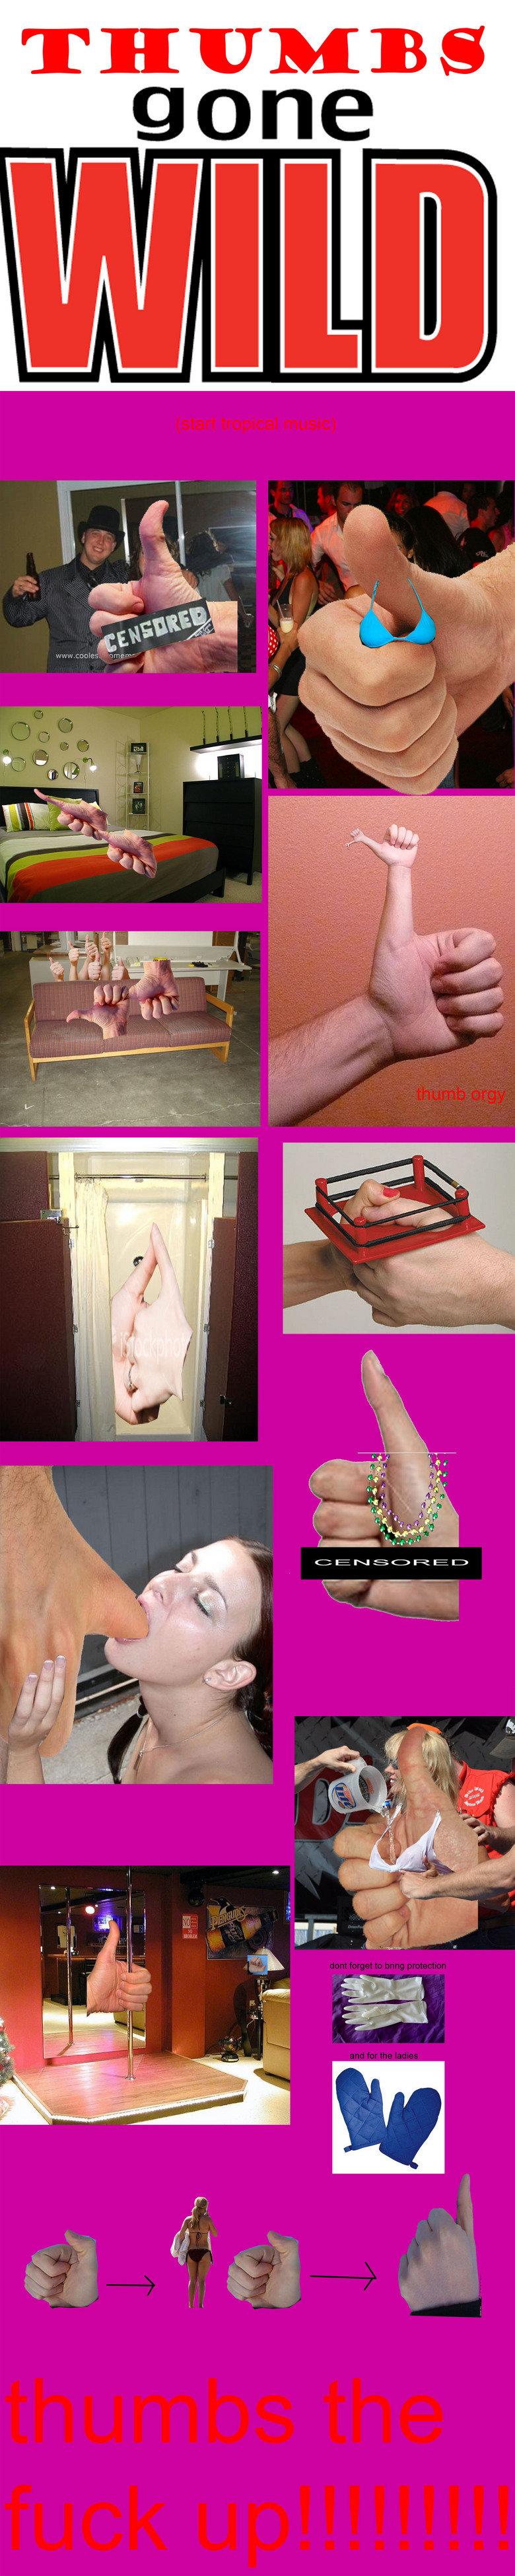 THUMBS GONE WILD. another sumkinduvmalice original<br /> PART 2 HAS ARRIVED vvvvvvvvvvvvvvvvvvvvvvvvvvvvvvvvvvvvvvvv vvvvvvvvvvvv<br /> funnyjunk.co thumb thumb up save funny junk sumkinduvmalice